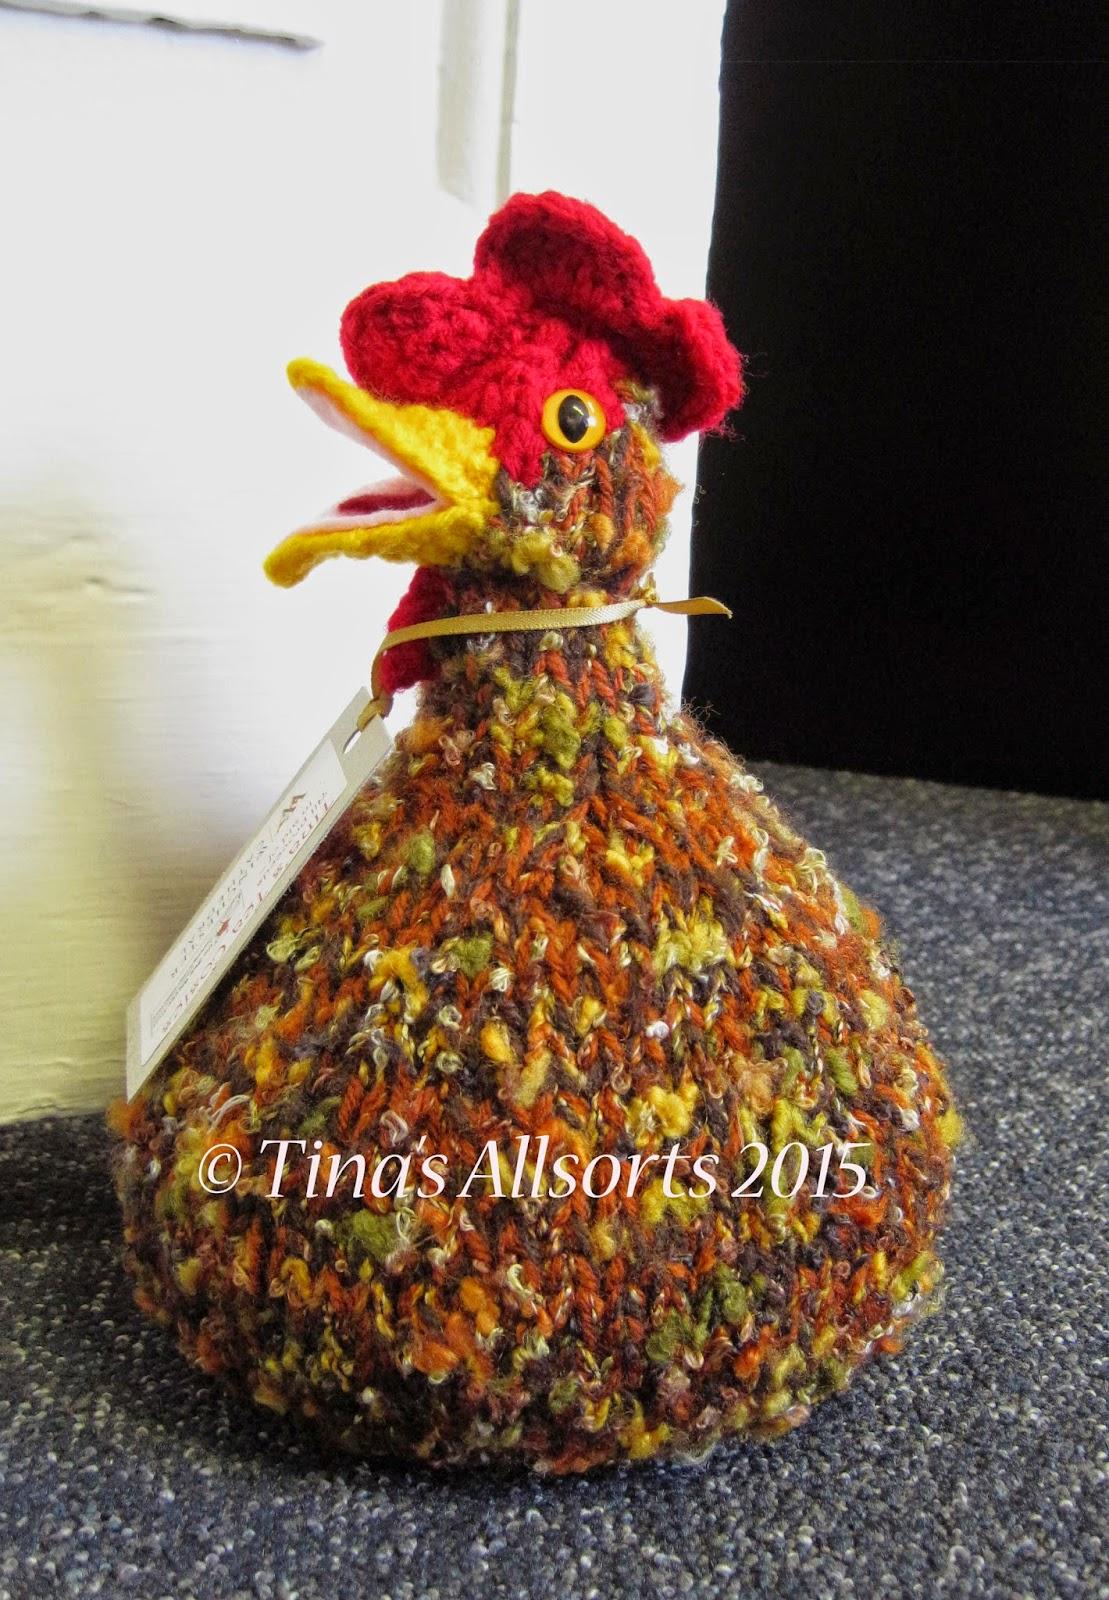 Tina's Allsorts Chicken Doorstop